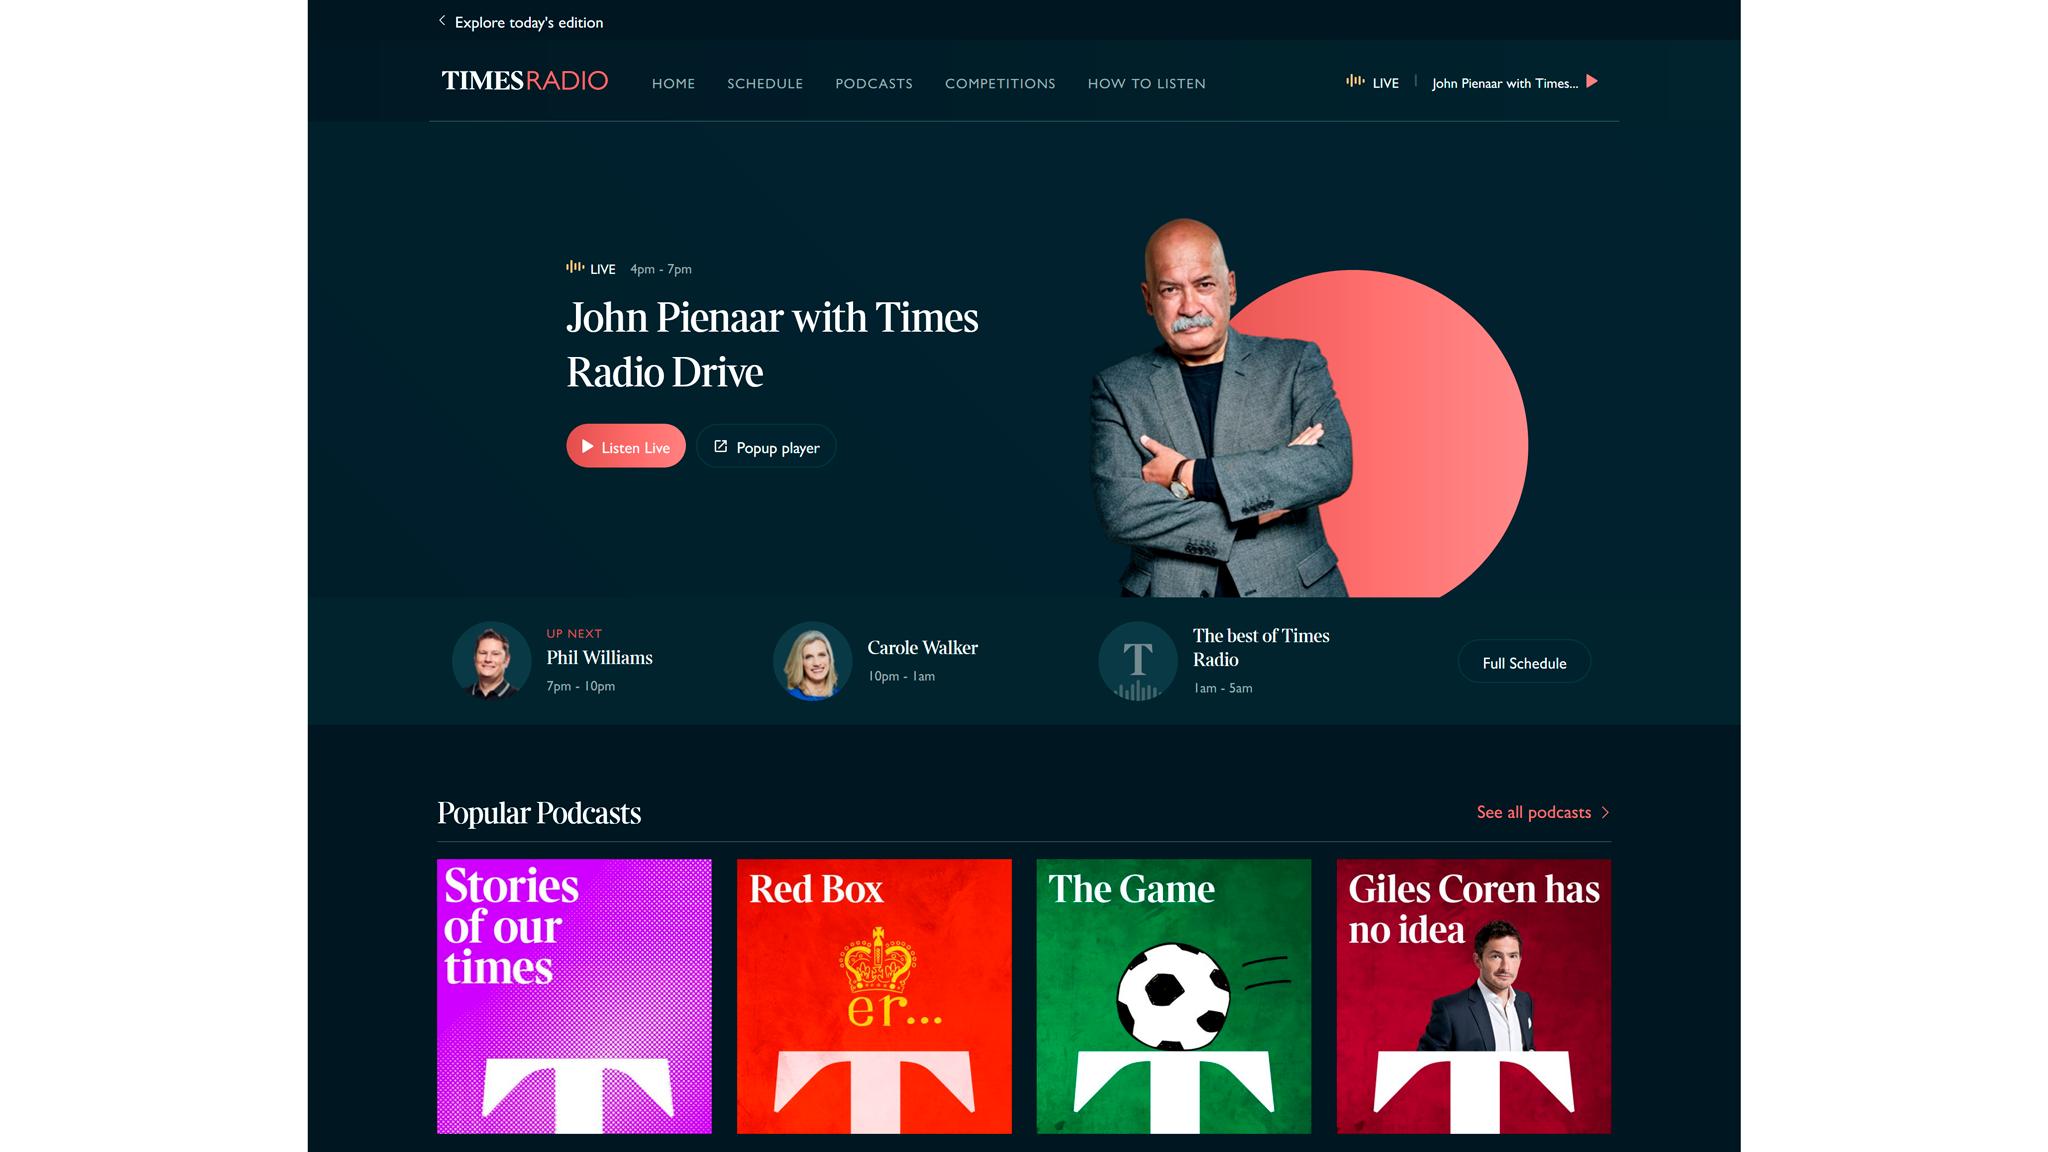 Журналисты The Sunday Times готовят материалы и для газеты, и для общего с The Times сайта, и для Times Radio